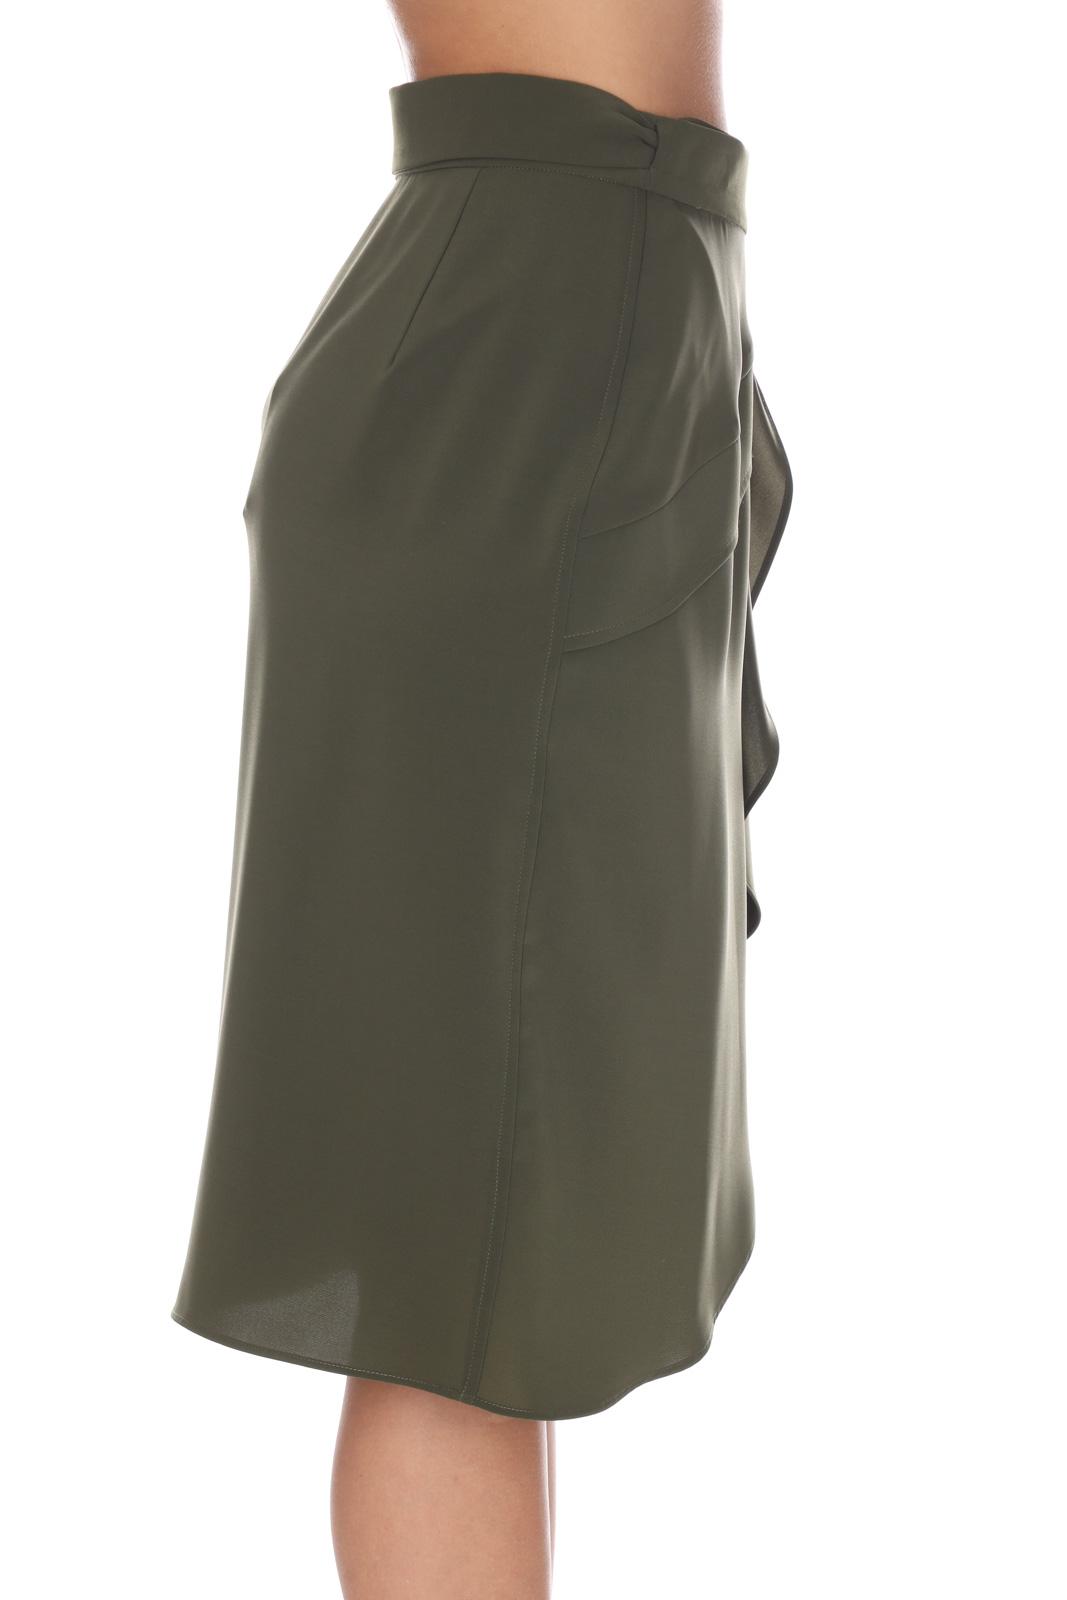 LIU JO | Skirt | WA0059T5809X0261